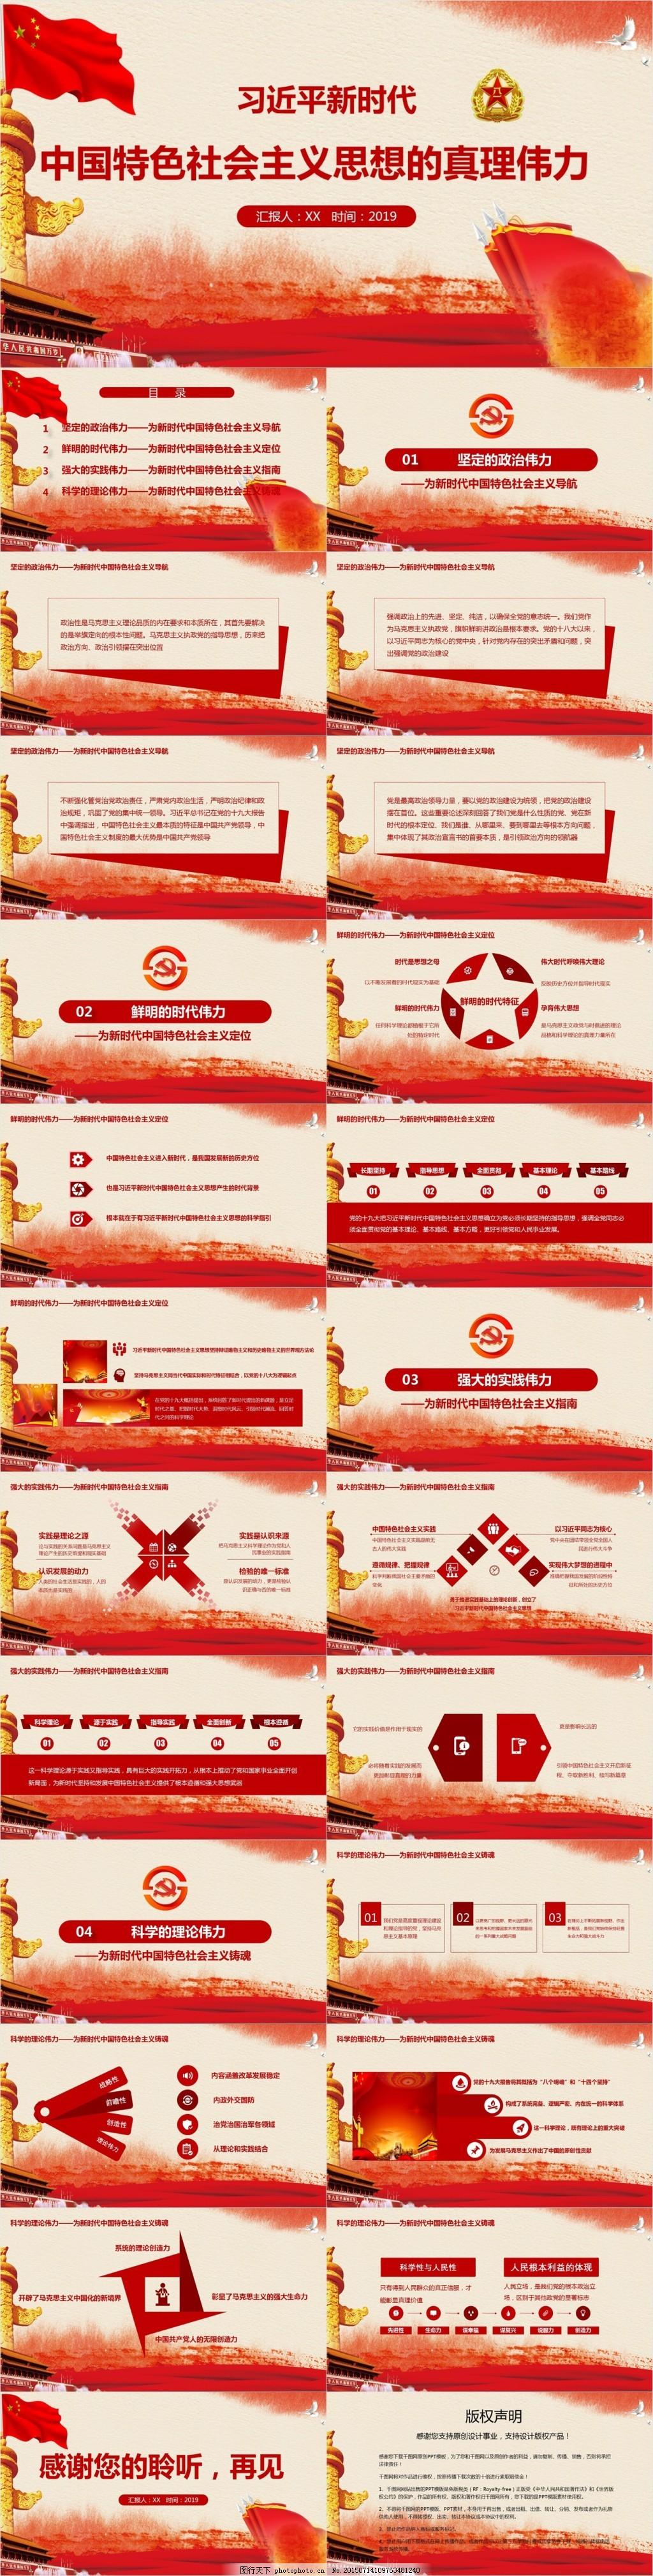 总书记中国特色社会主义思想PPT模板范本,ppt,党的十九大报告,导航,定位,指南,铸魂